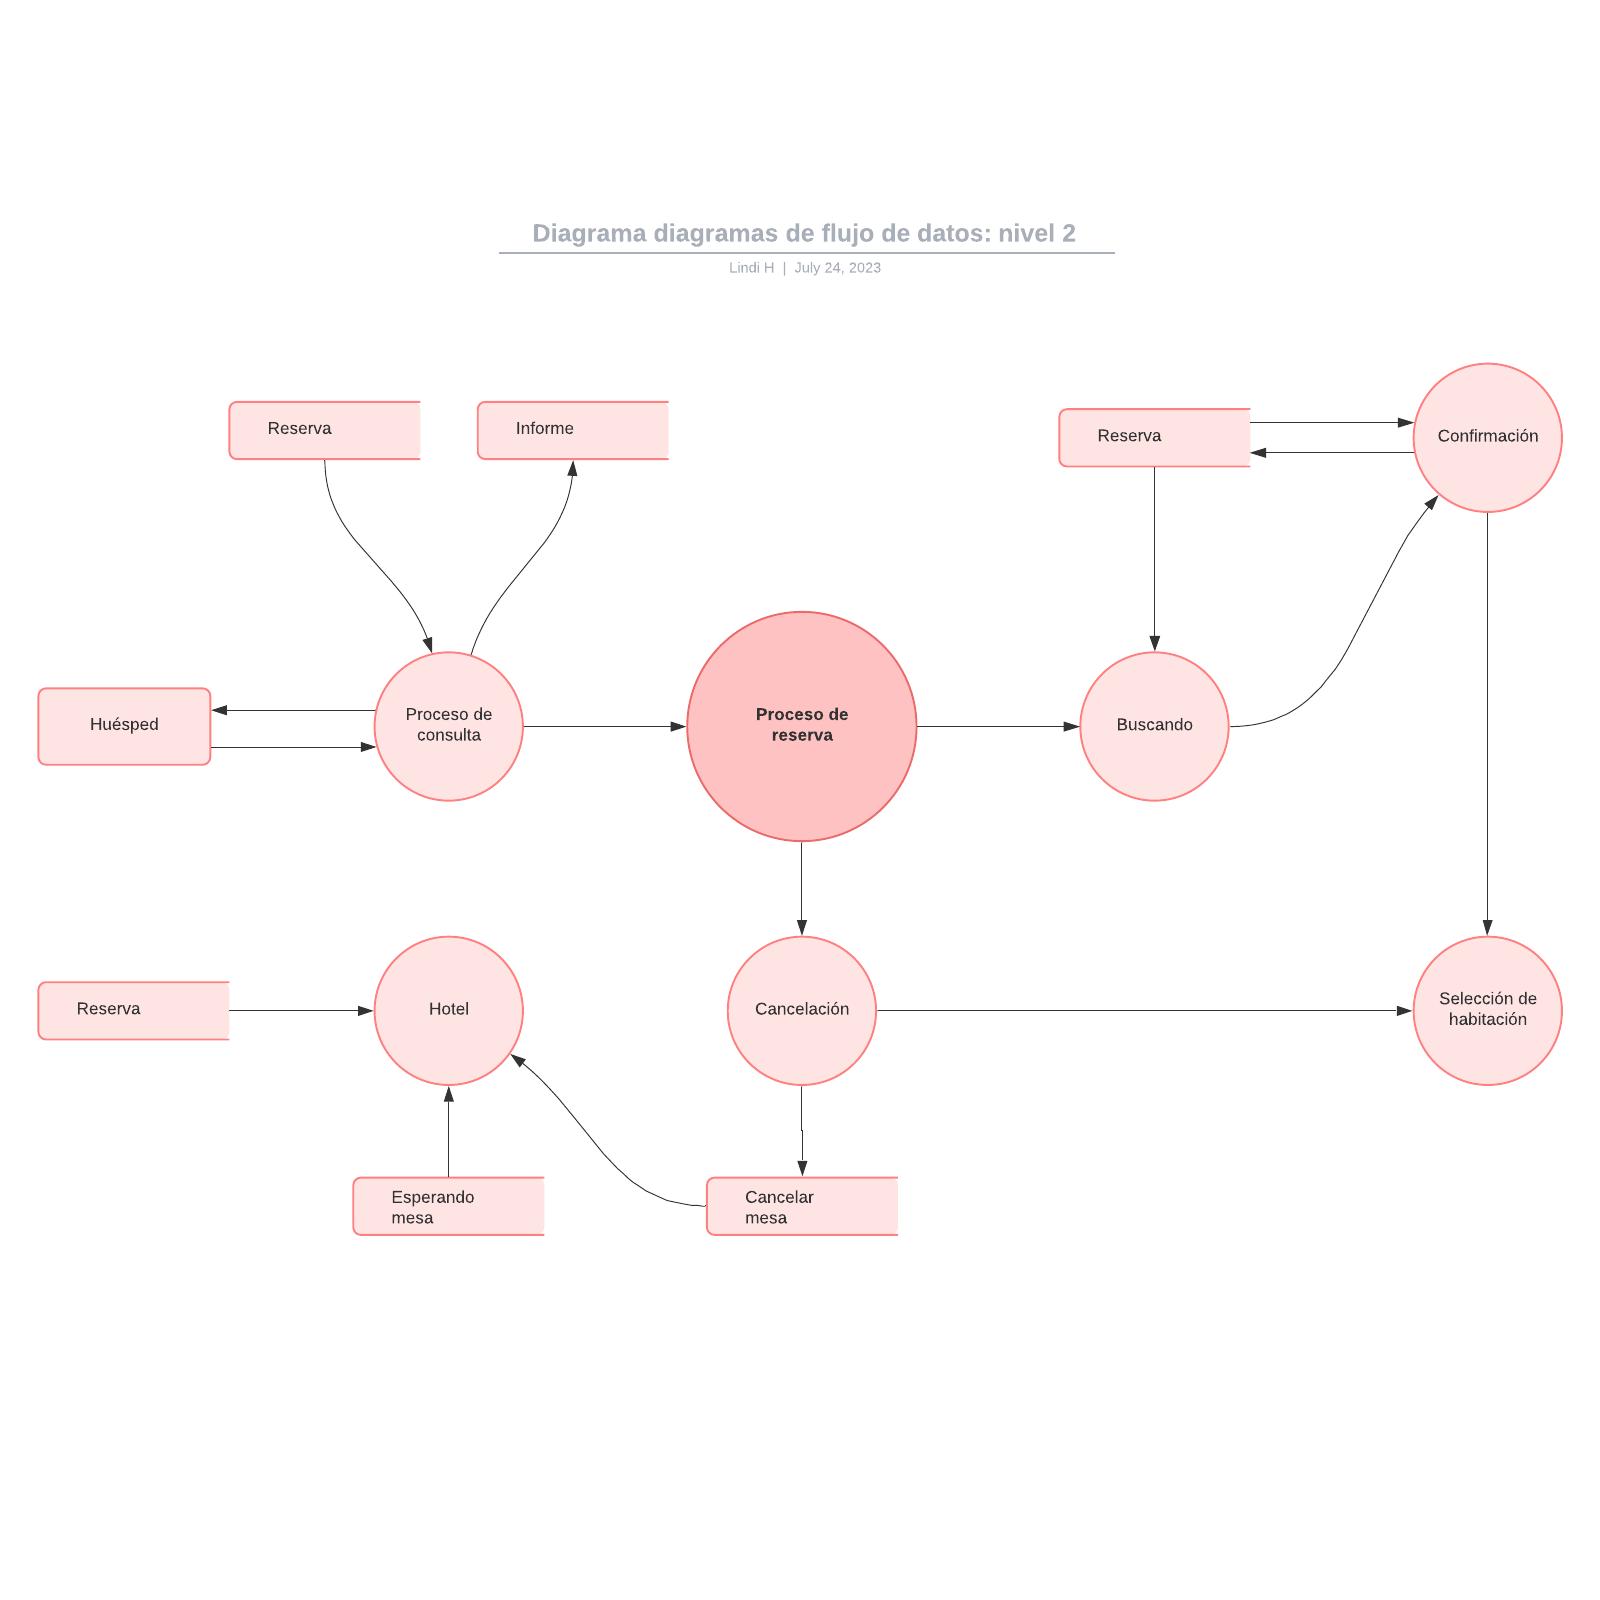 Diagrama diagramas de flujo de datos: nivel 2